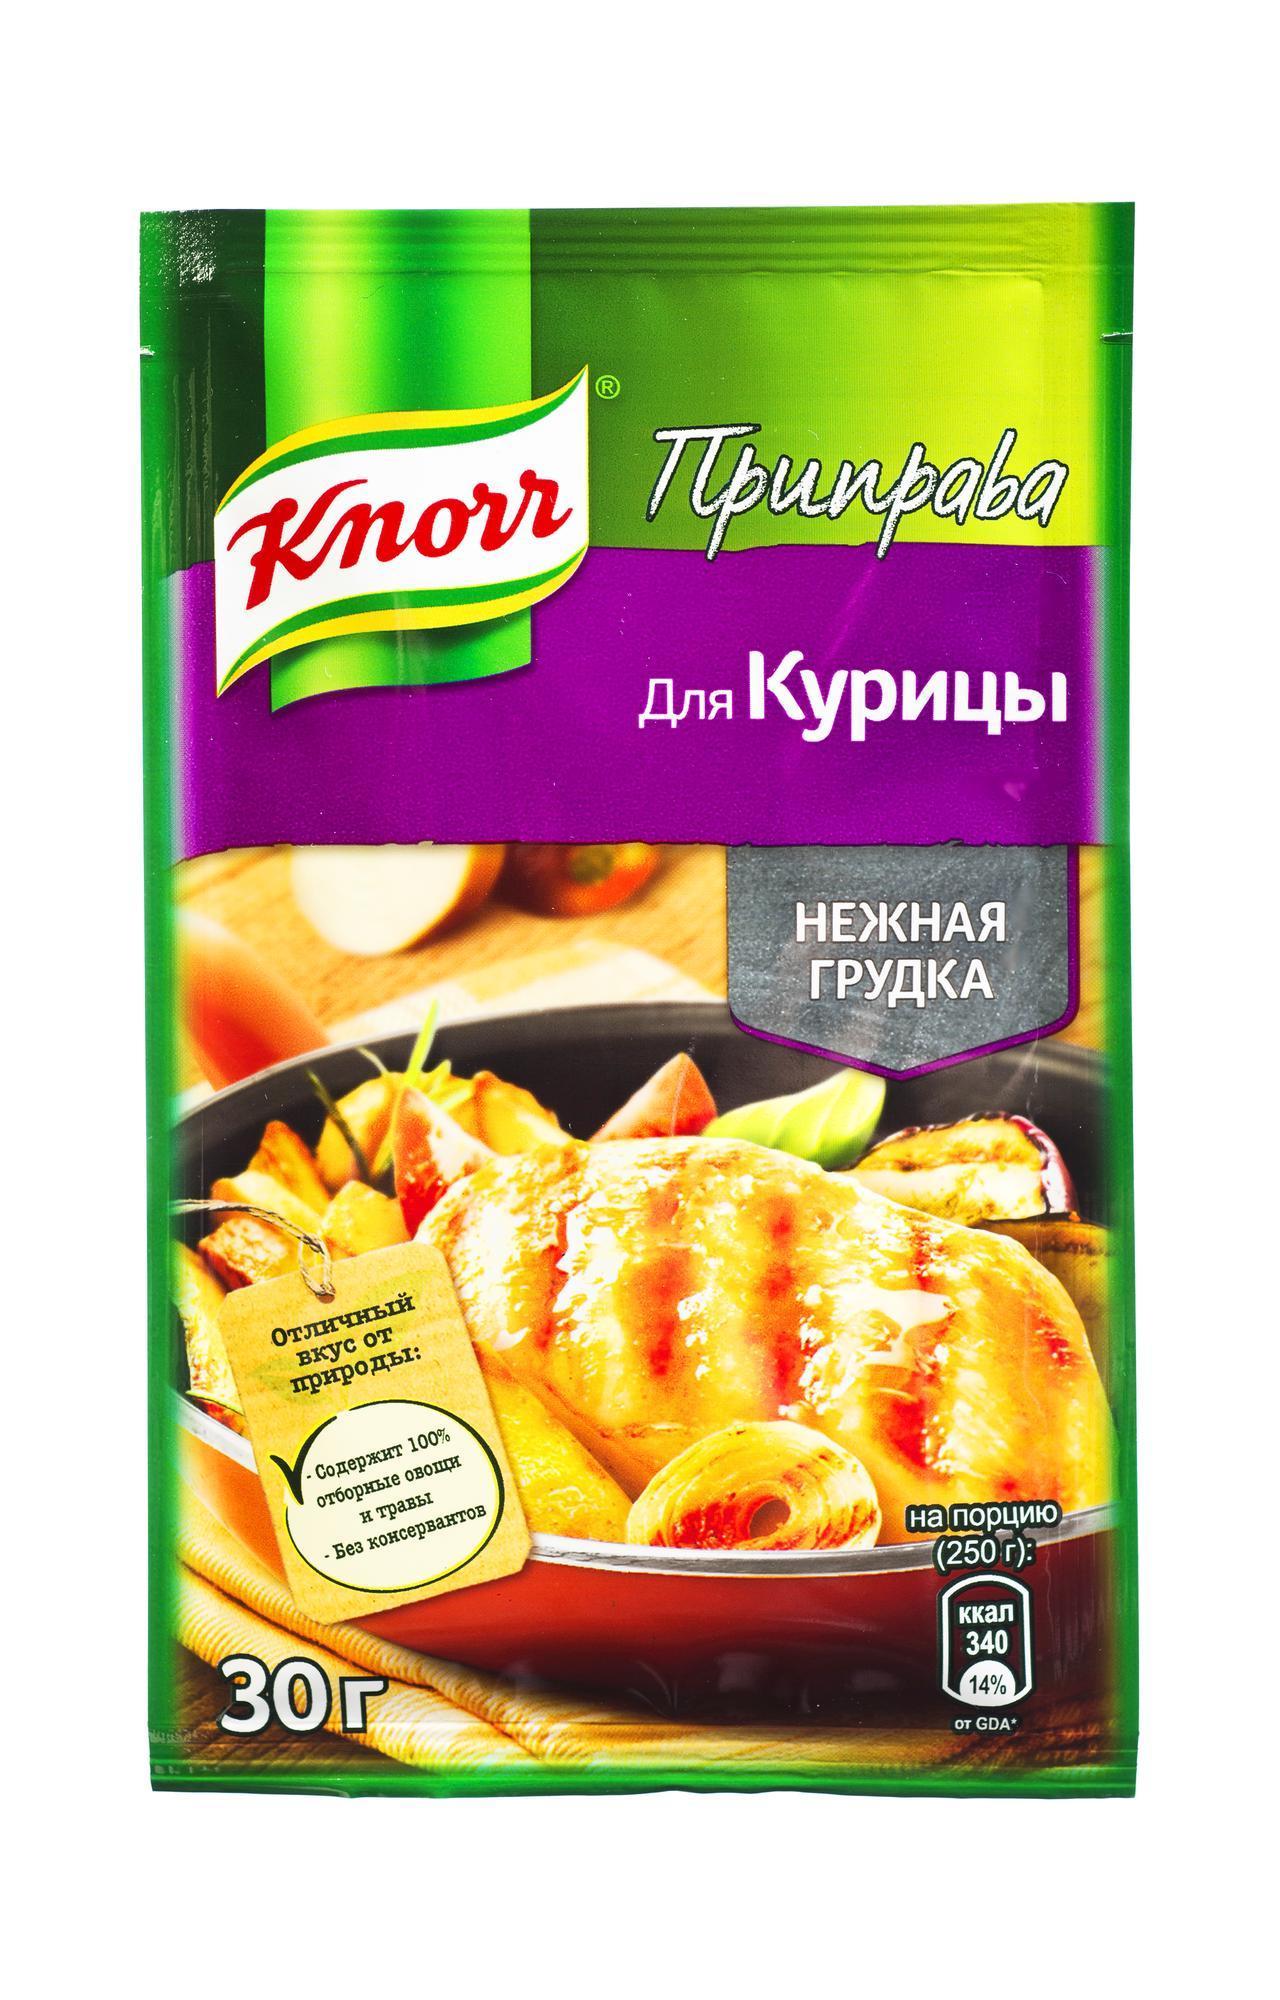 Приправа Knorr для курицы нежная грудка